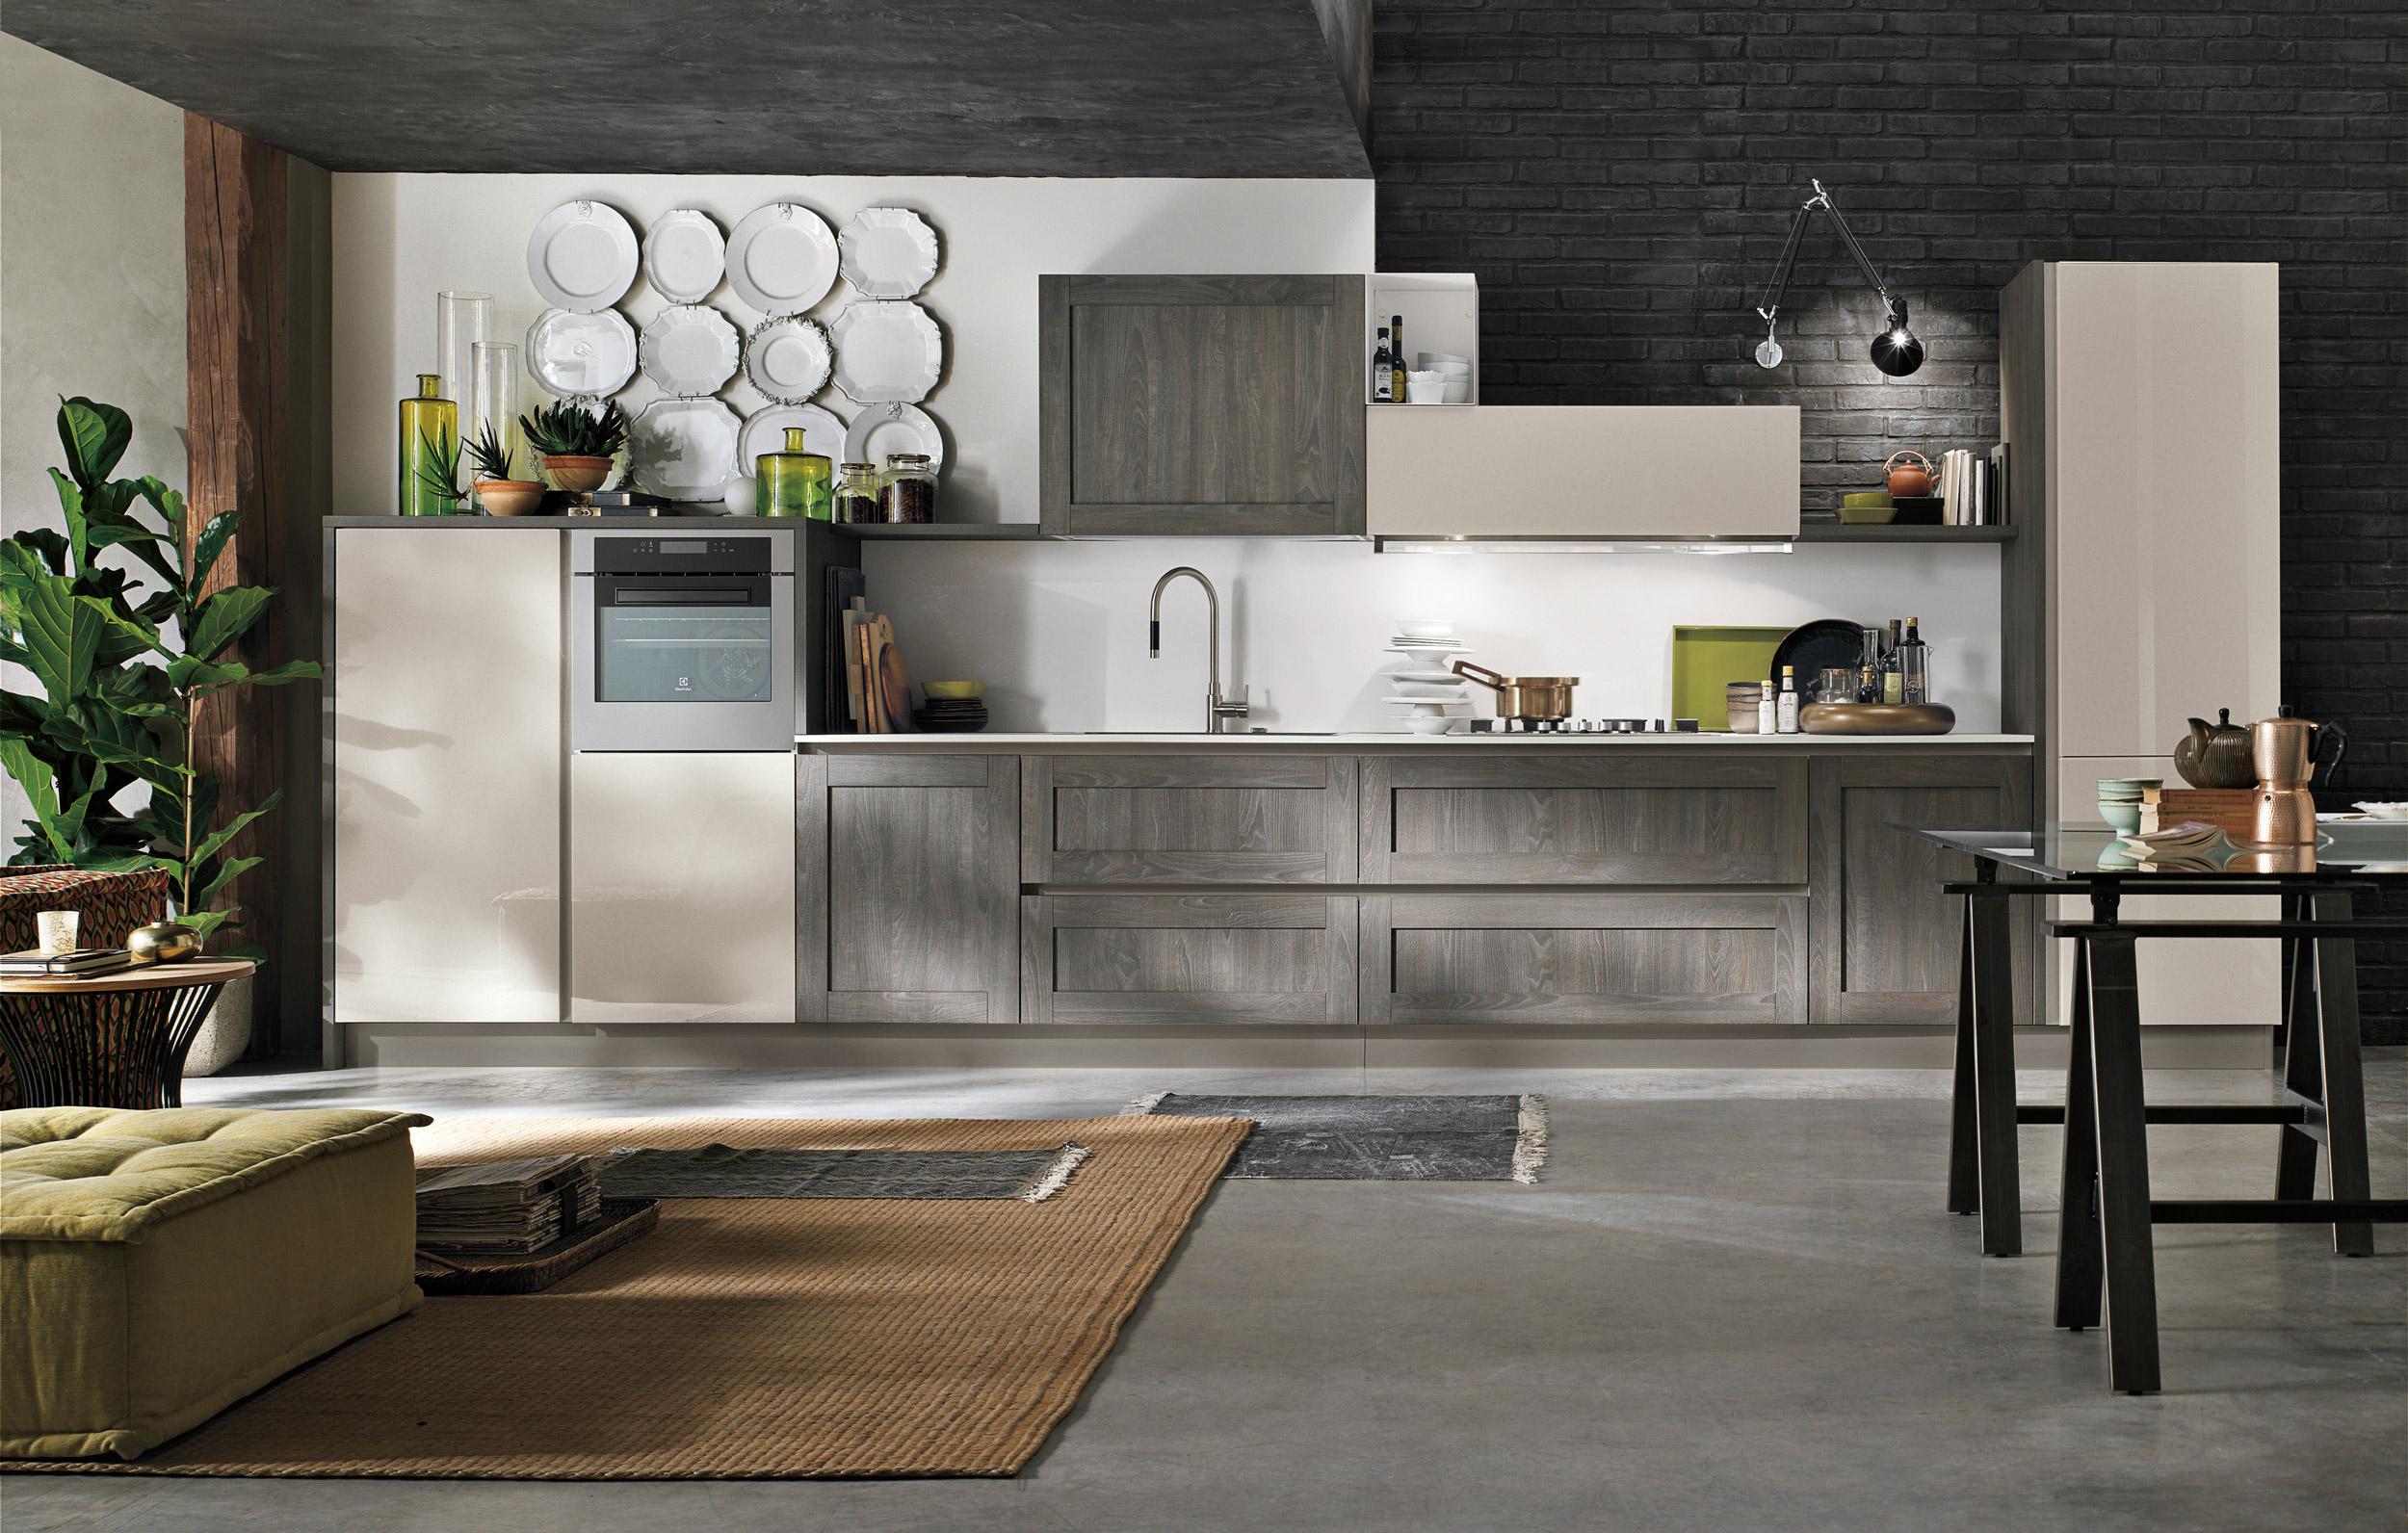 La cucina: il regno del gusto e non solo.